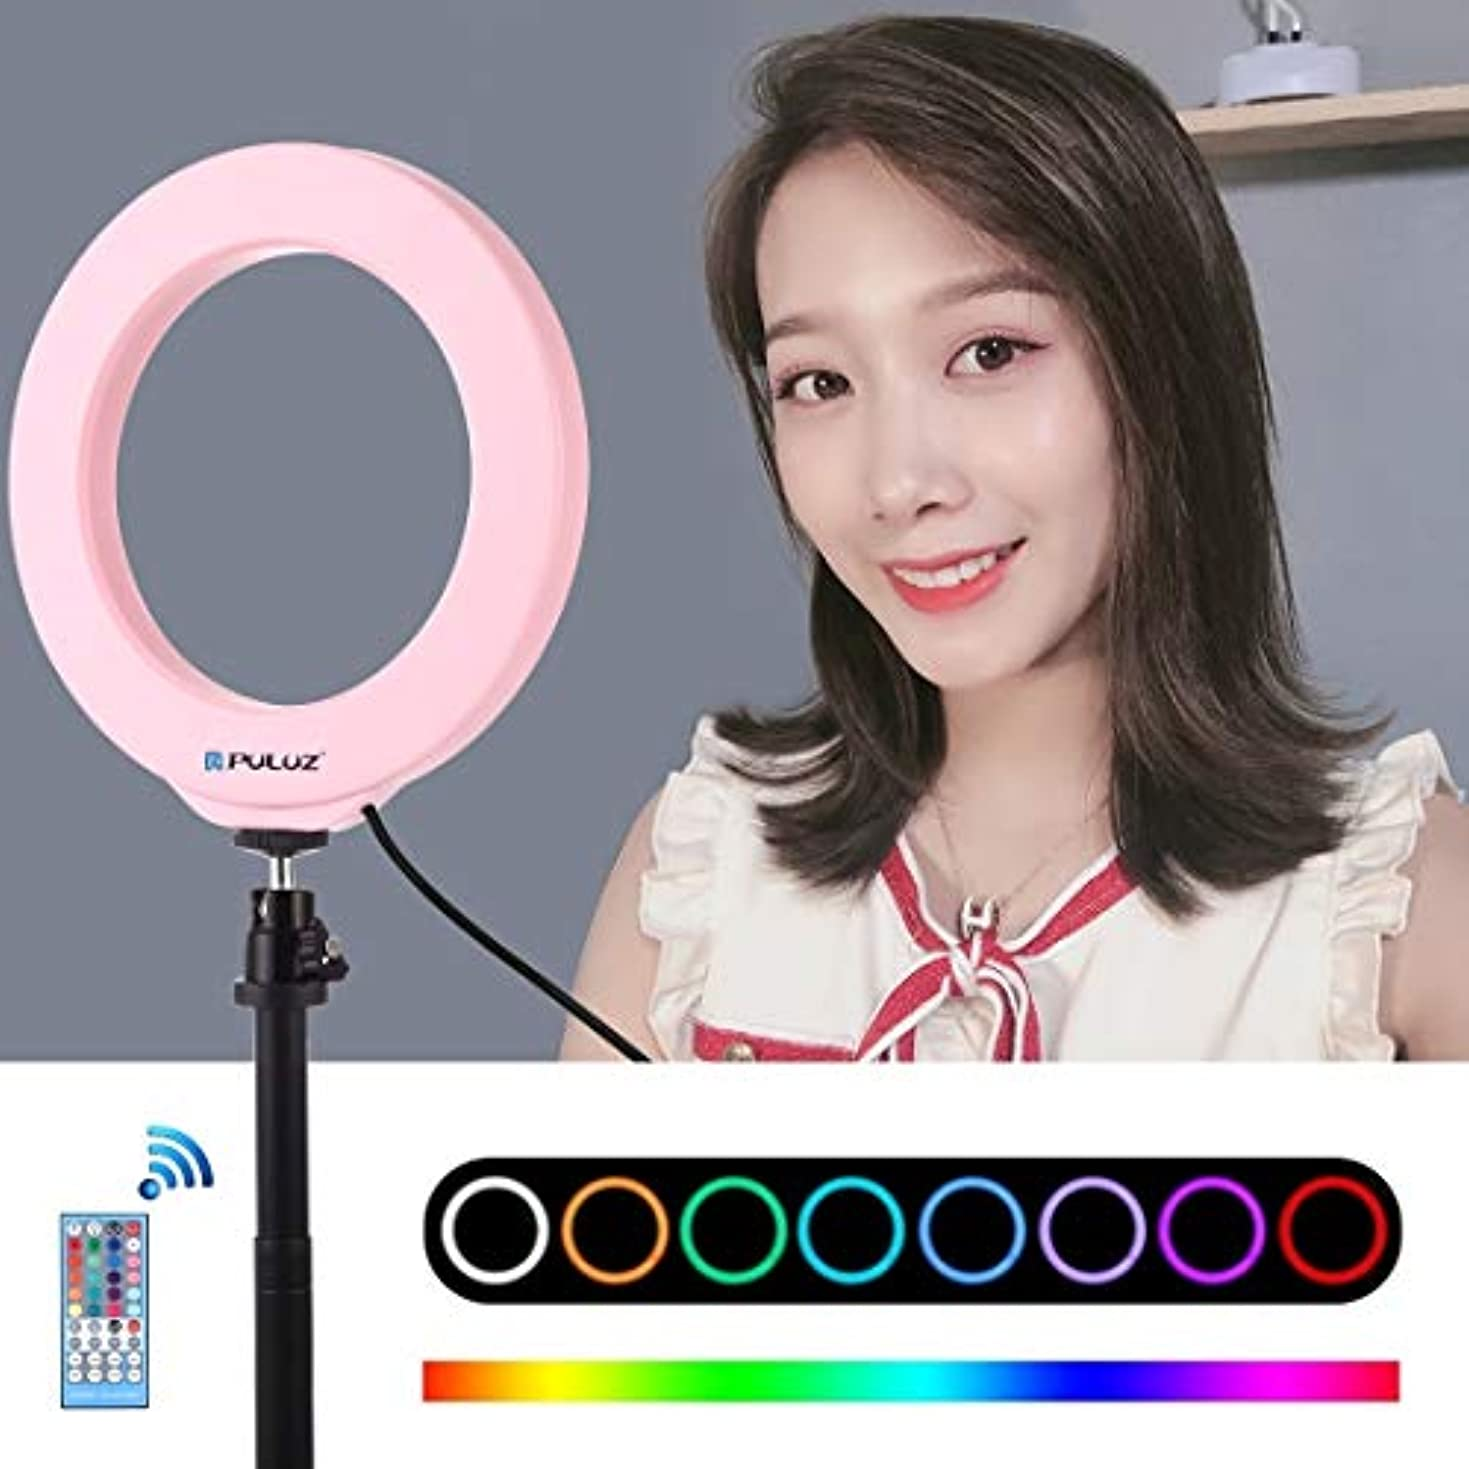 名誉ある生き物助手カメラサポート コールドシュー三脚ボールヘッド&リモートコントロール(ブラック)付き6.2インチ16センチメートルUSB RGBW調光LEDリングVlogging写真ビデオライト. (Color : Pink)